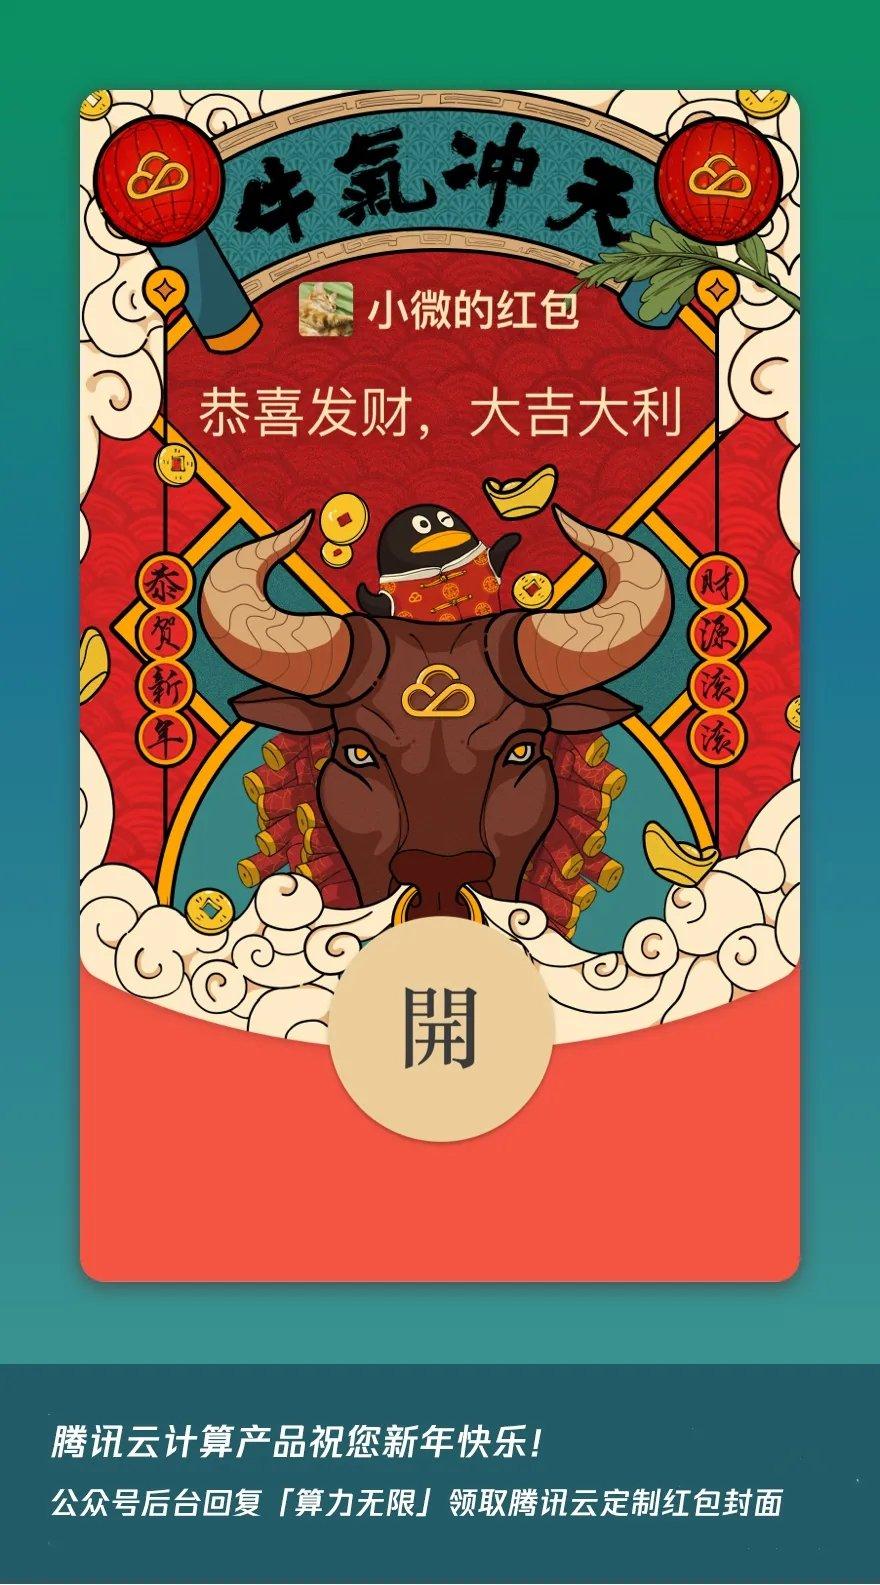 腾讯云服务器丨新年新愿,好【云】连连插图